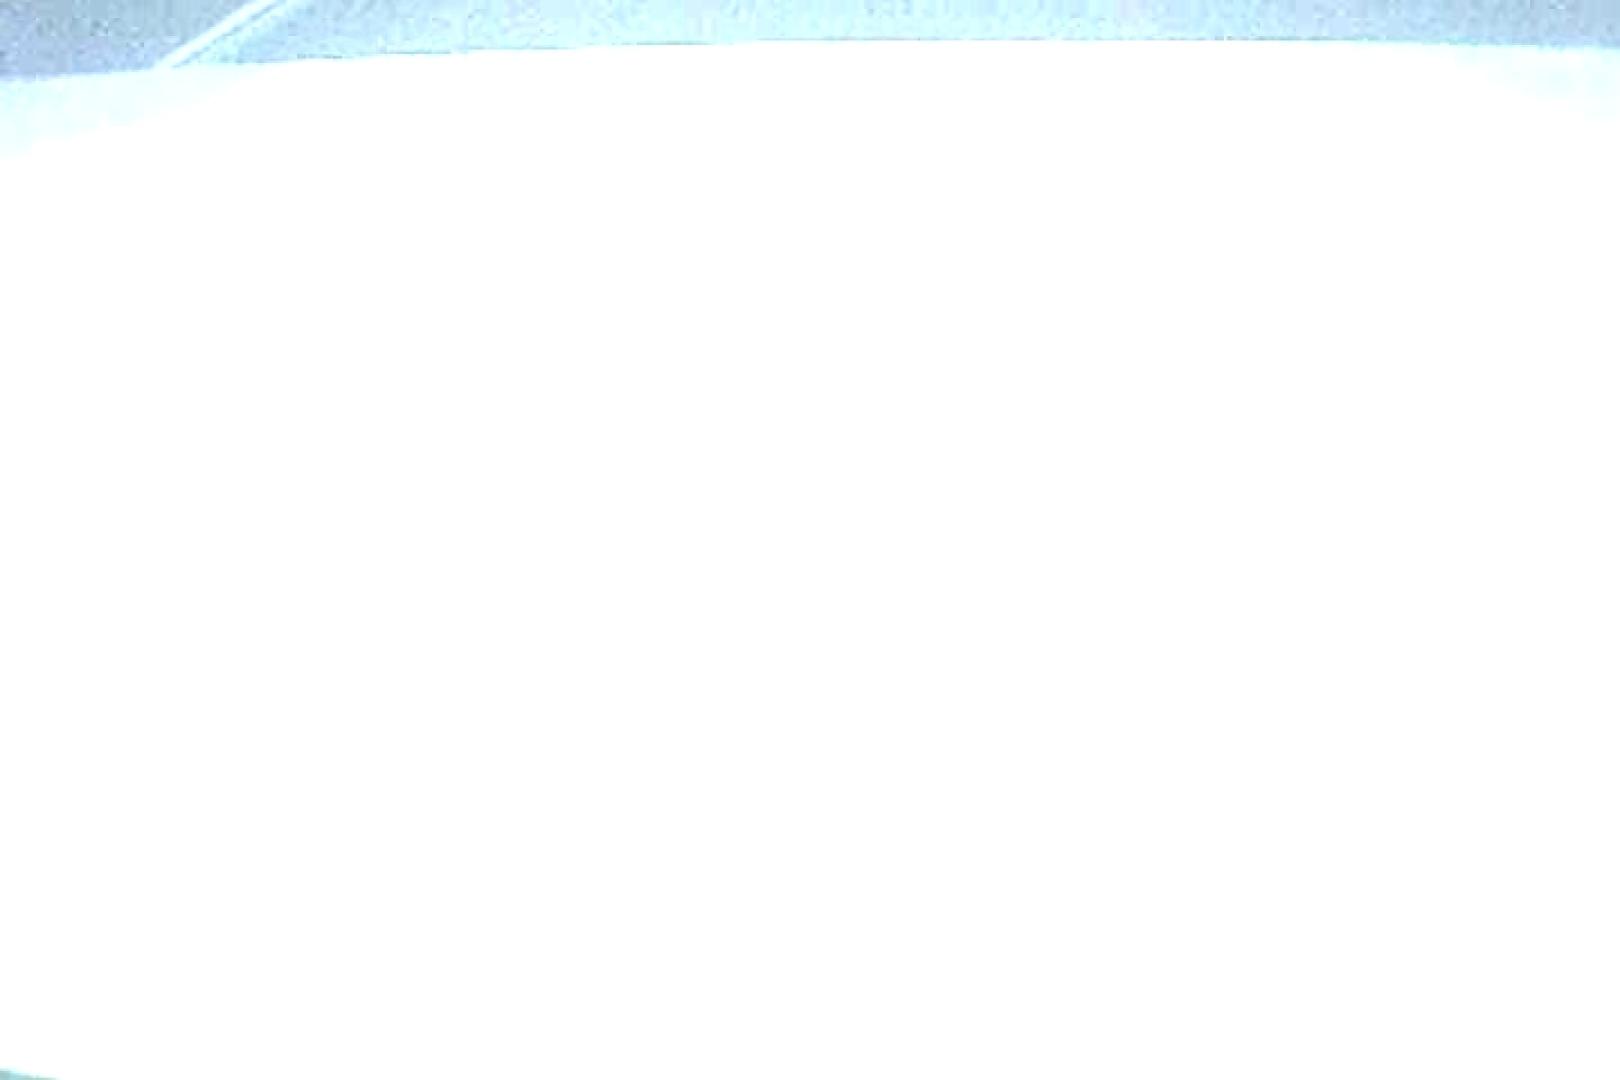 充血監督の深夜の運動会Vol.11 セックス流出映像   おまんこ丸見え  102連発 89